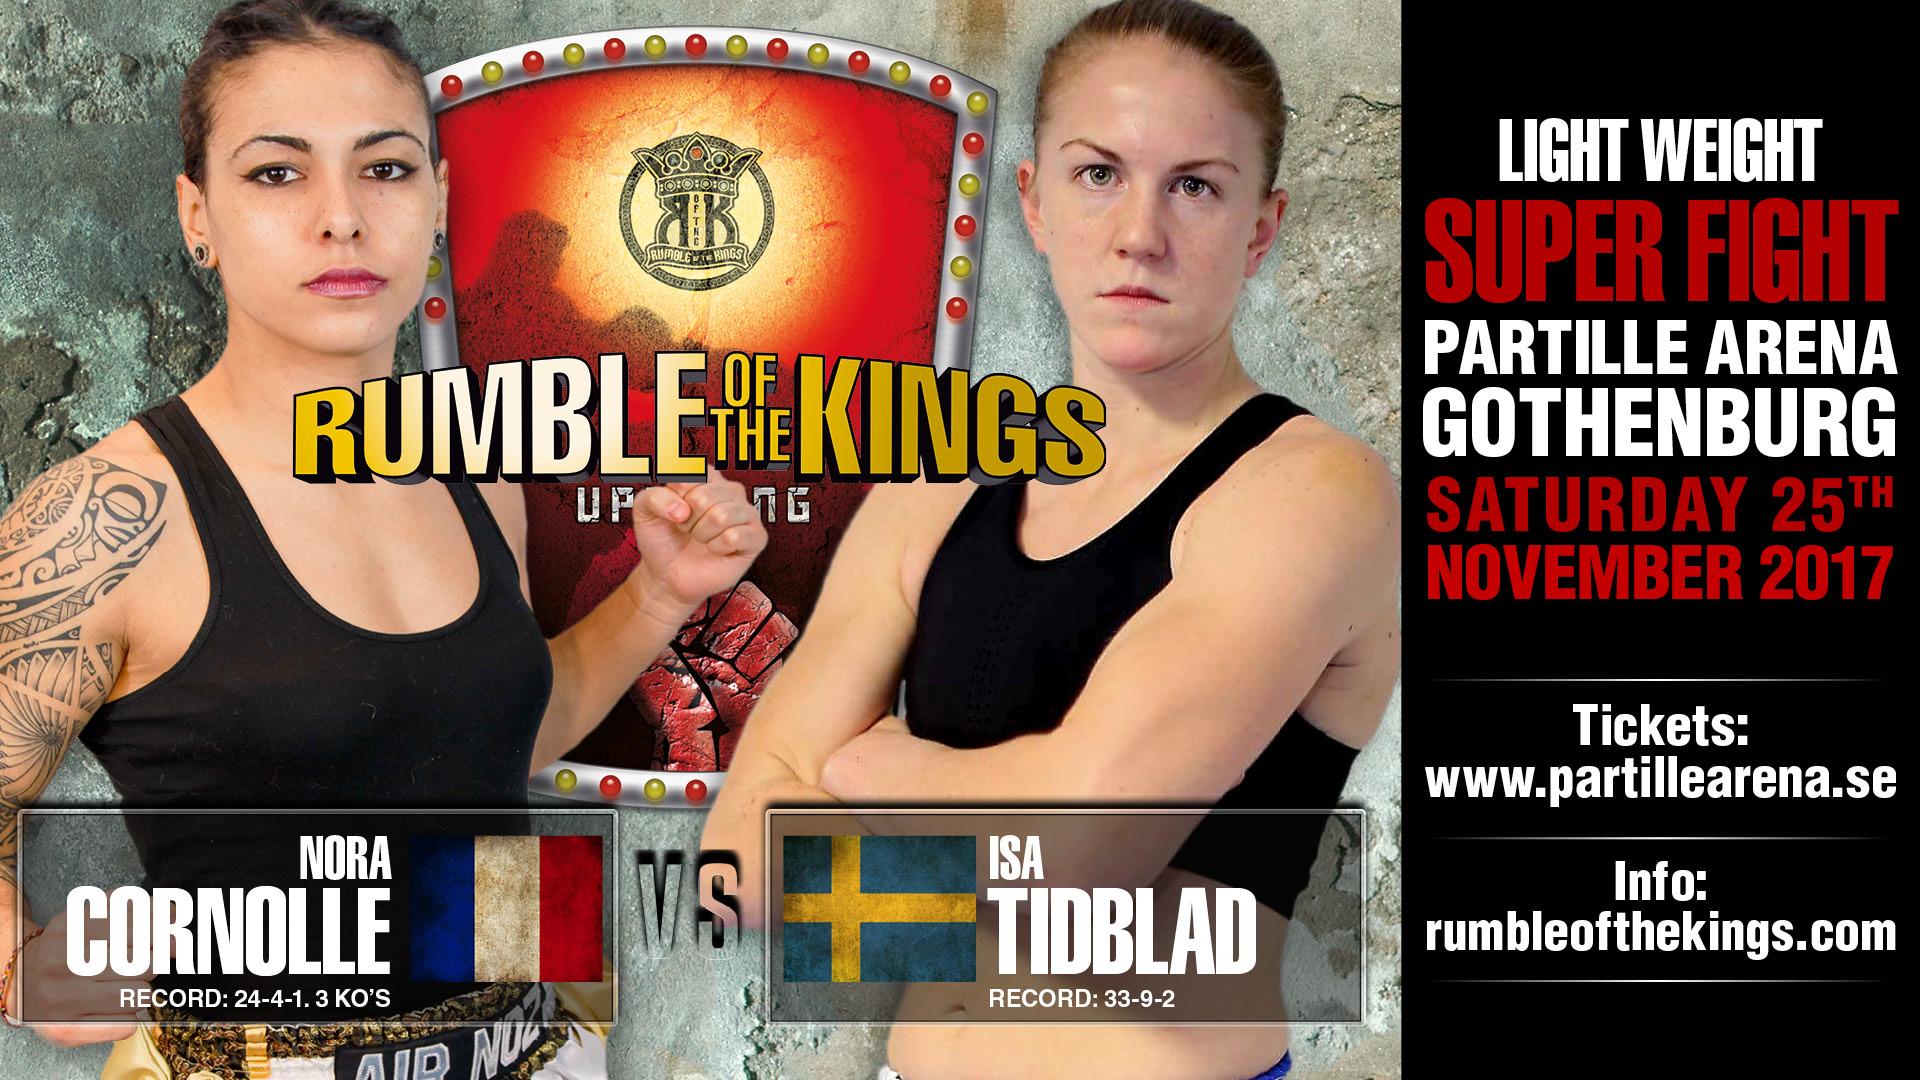 Nora Cornolle vs. Isa Tidblad Keskikangas